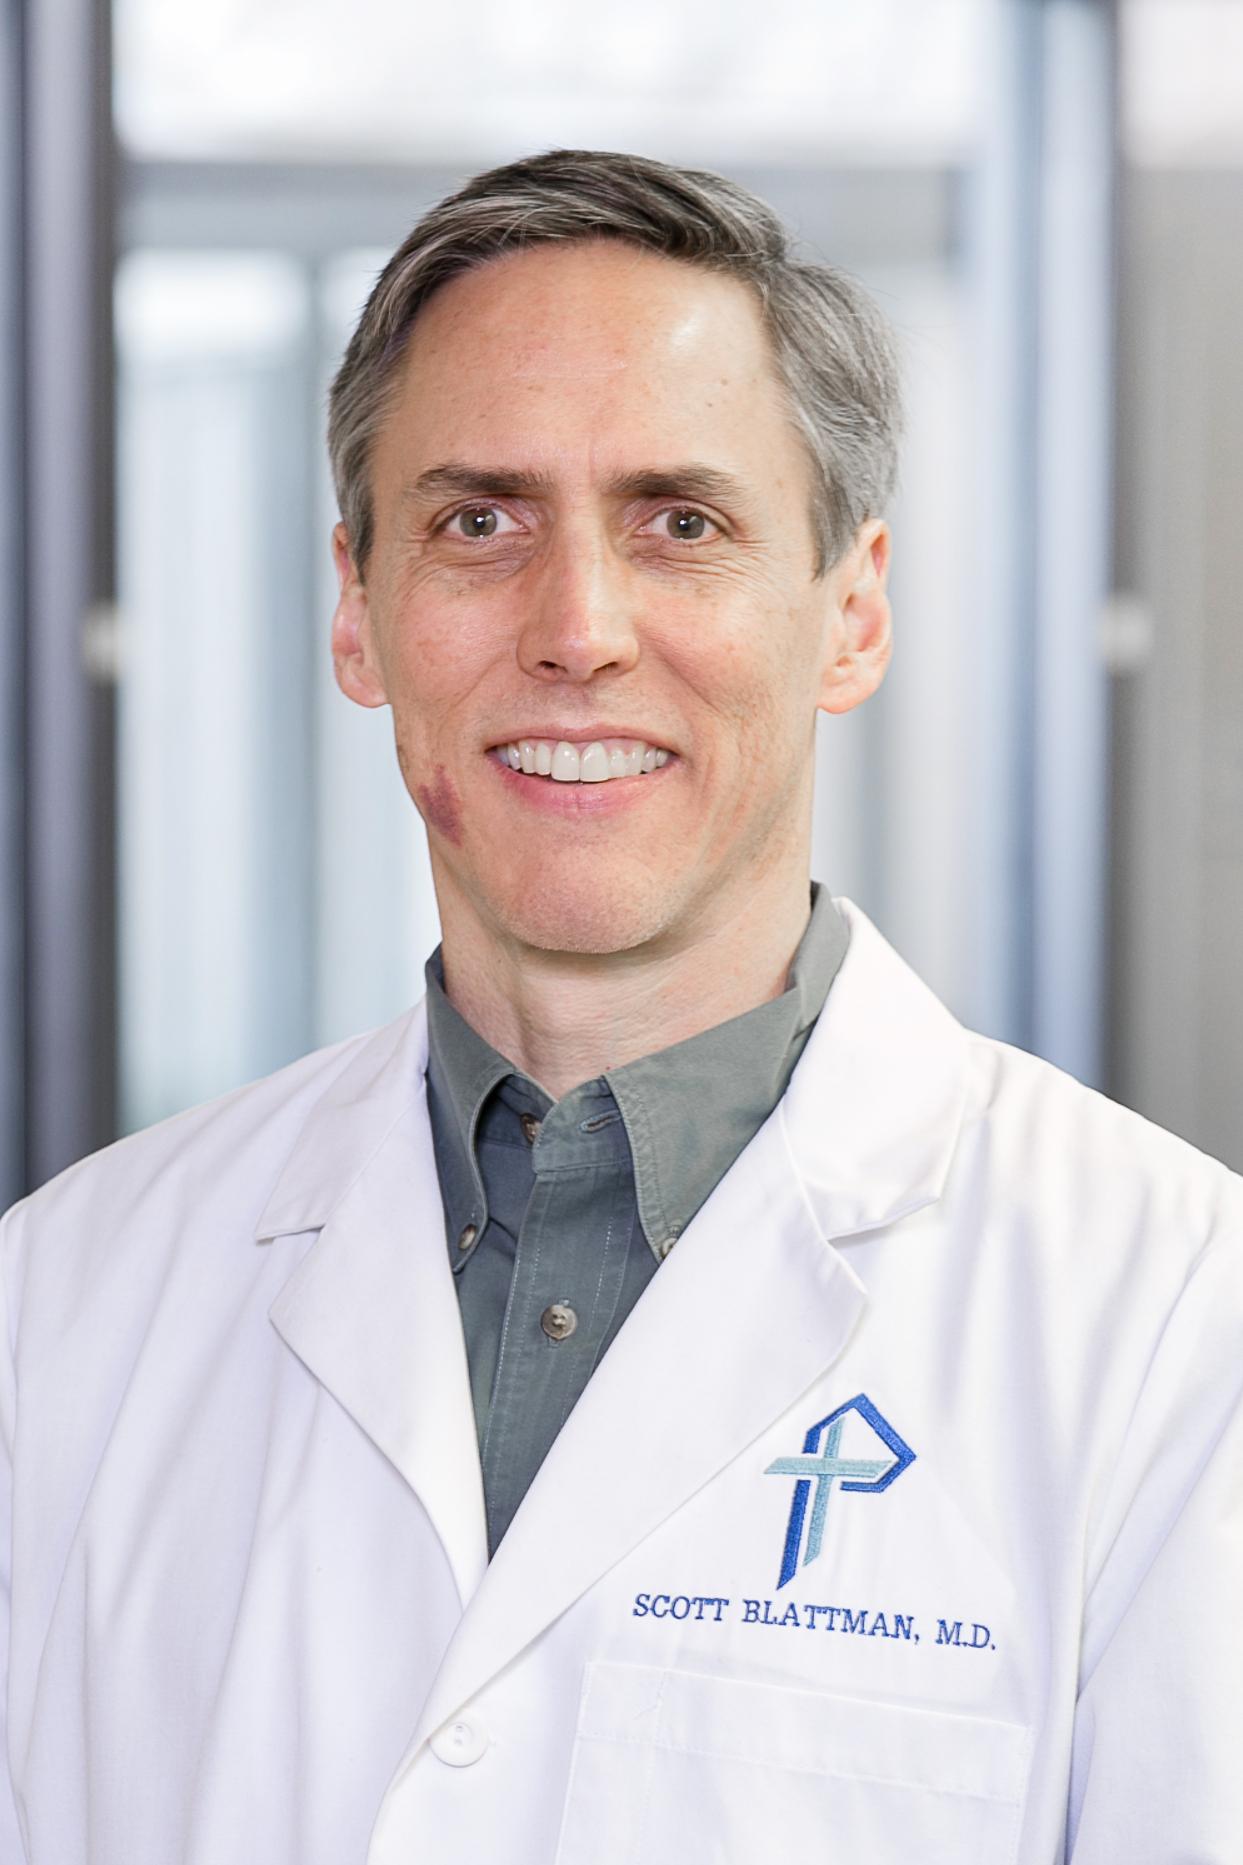 Scott Blattman, MD